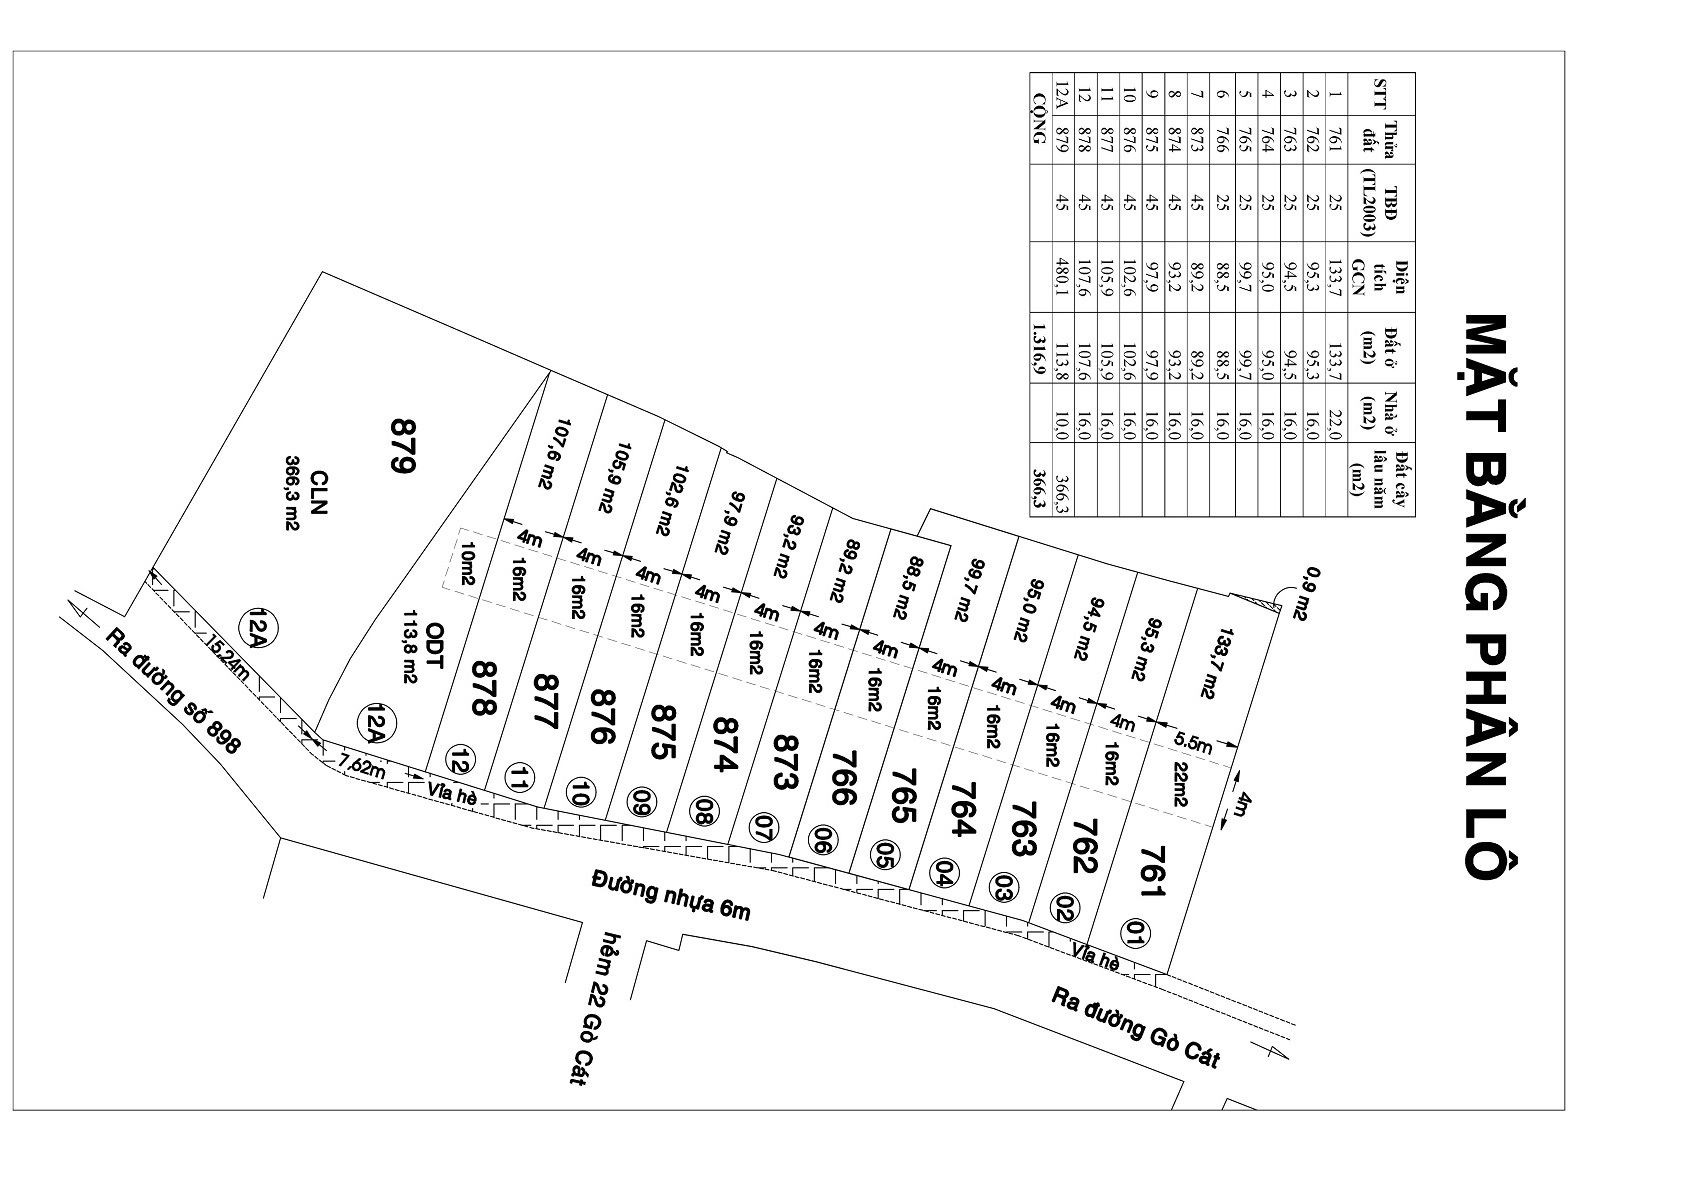 Giá đất nền quận 9 hiện nay, đất nền gò cát phú hữu, đất nền trường lưu quận 9, đất nền sổ đỏ quận 9, đất vườn quận 9